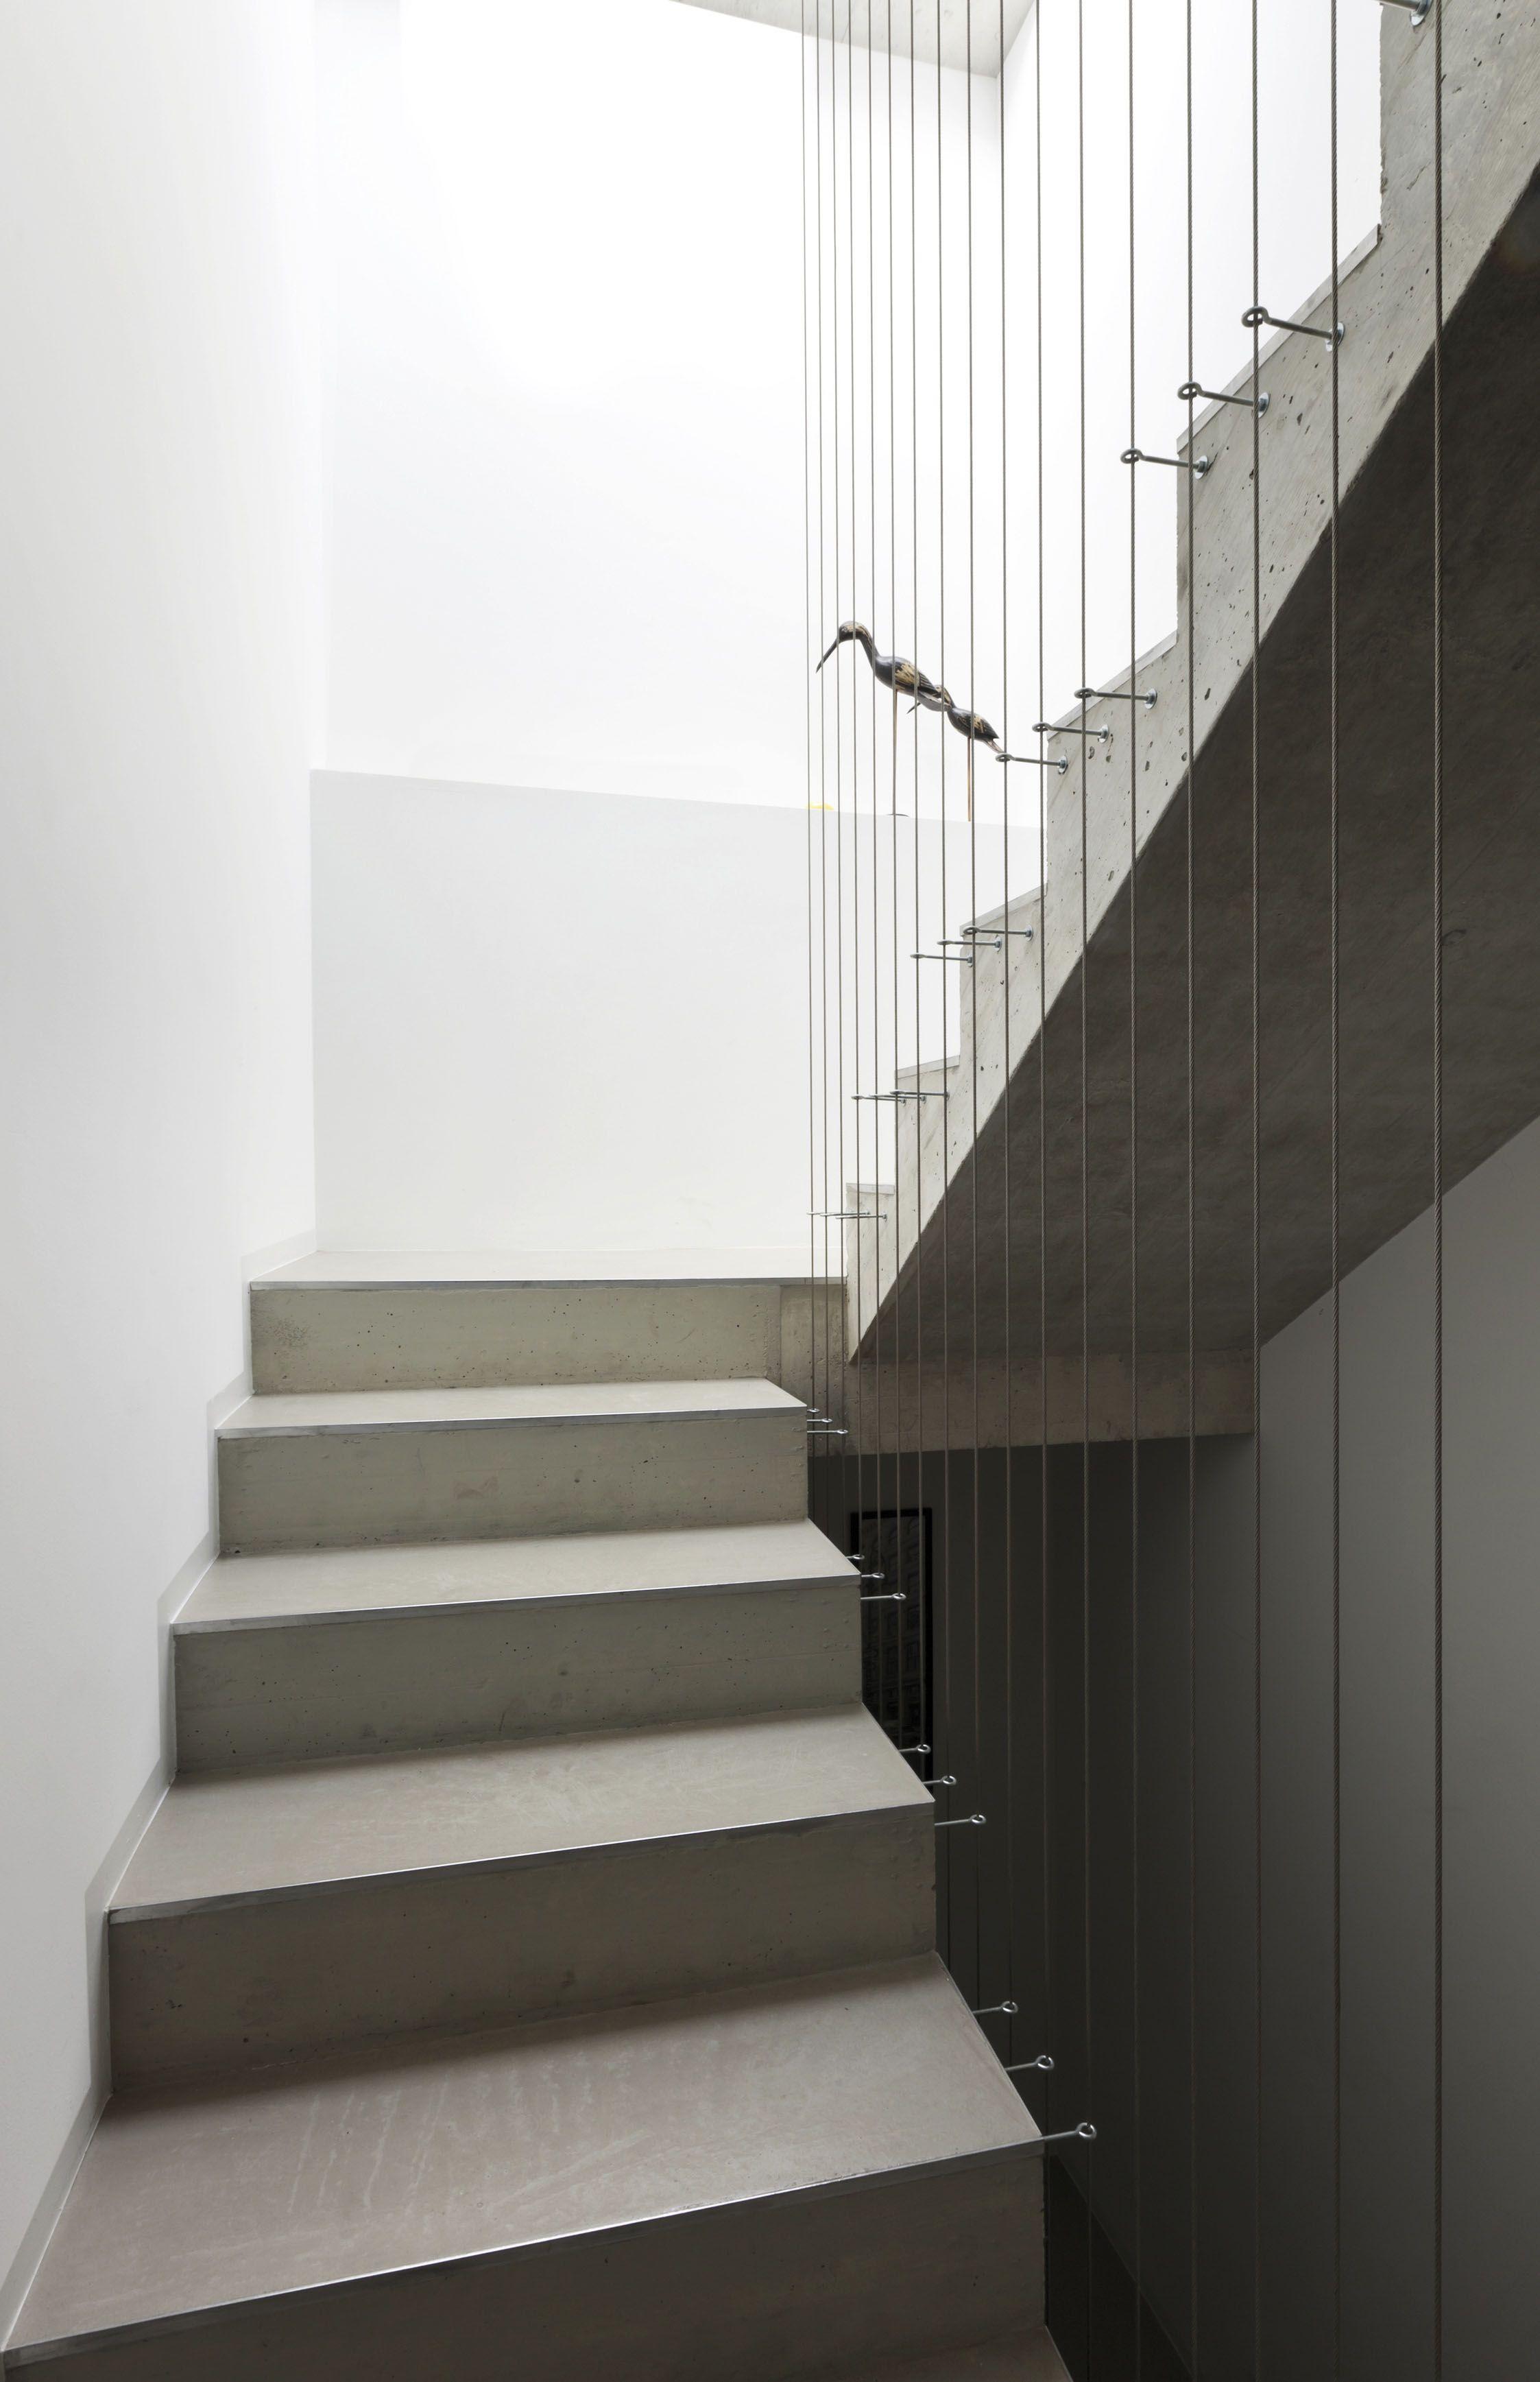 Interiordesign stairs interiors minimal elegance - Escaleras de cemento para interiores ...